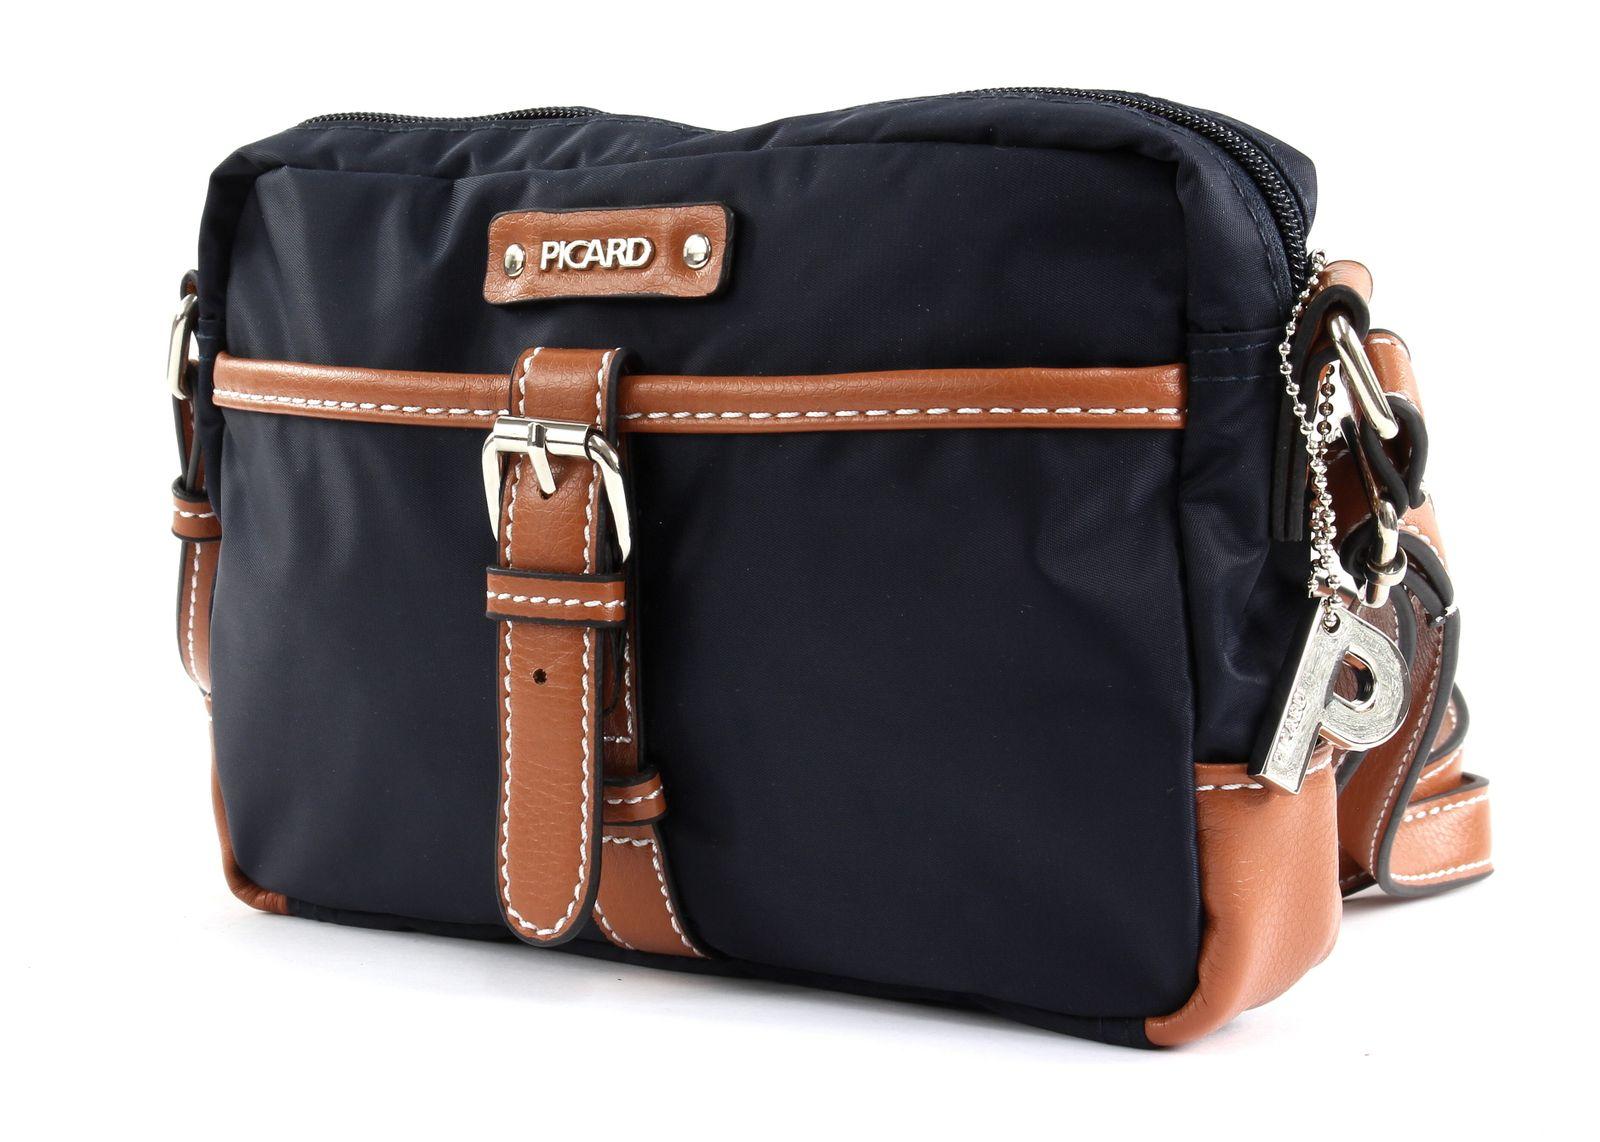 599289d5f09b2 ... und Sofort ÜberweisungTap To ClosePICARD Sonja Crossover Bag  MidnightTap To CloseNur möglich bei sofortigem Zahlungseingang mit Paypal